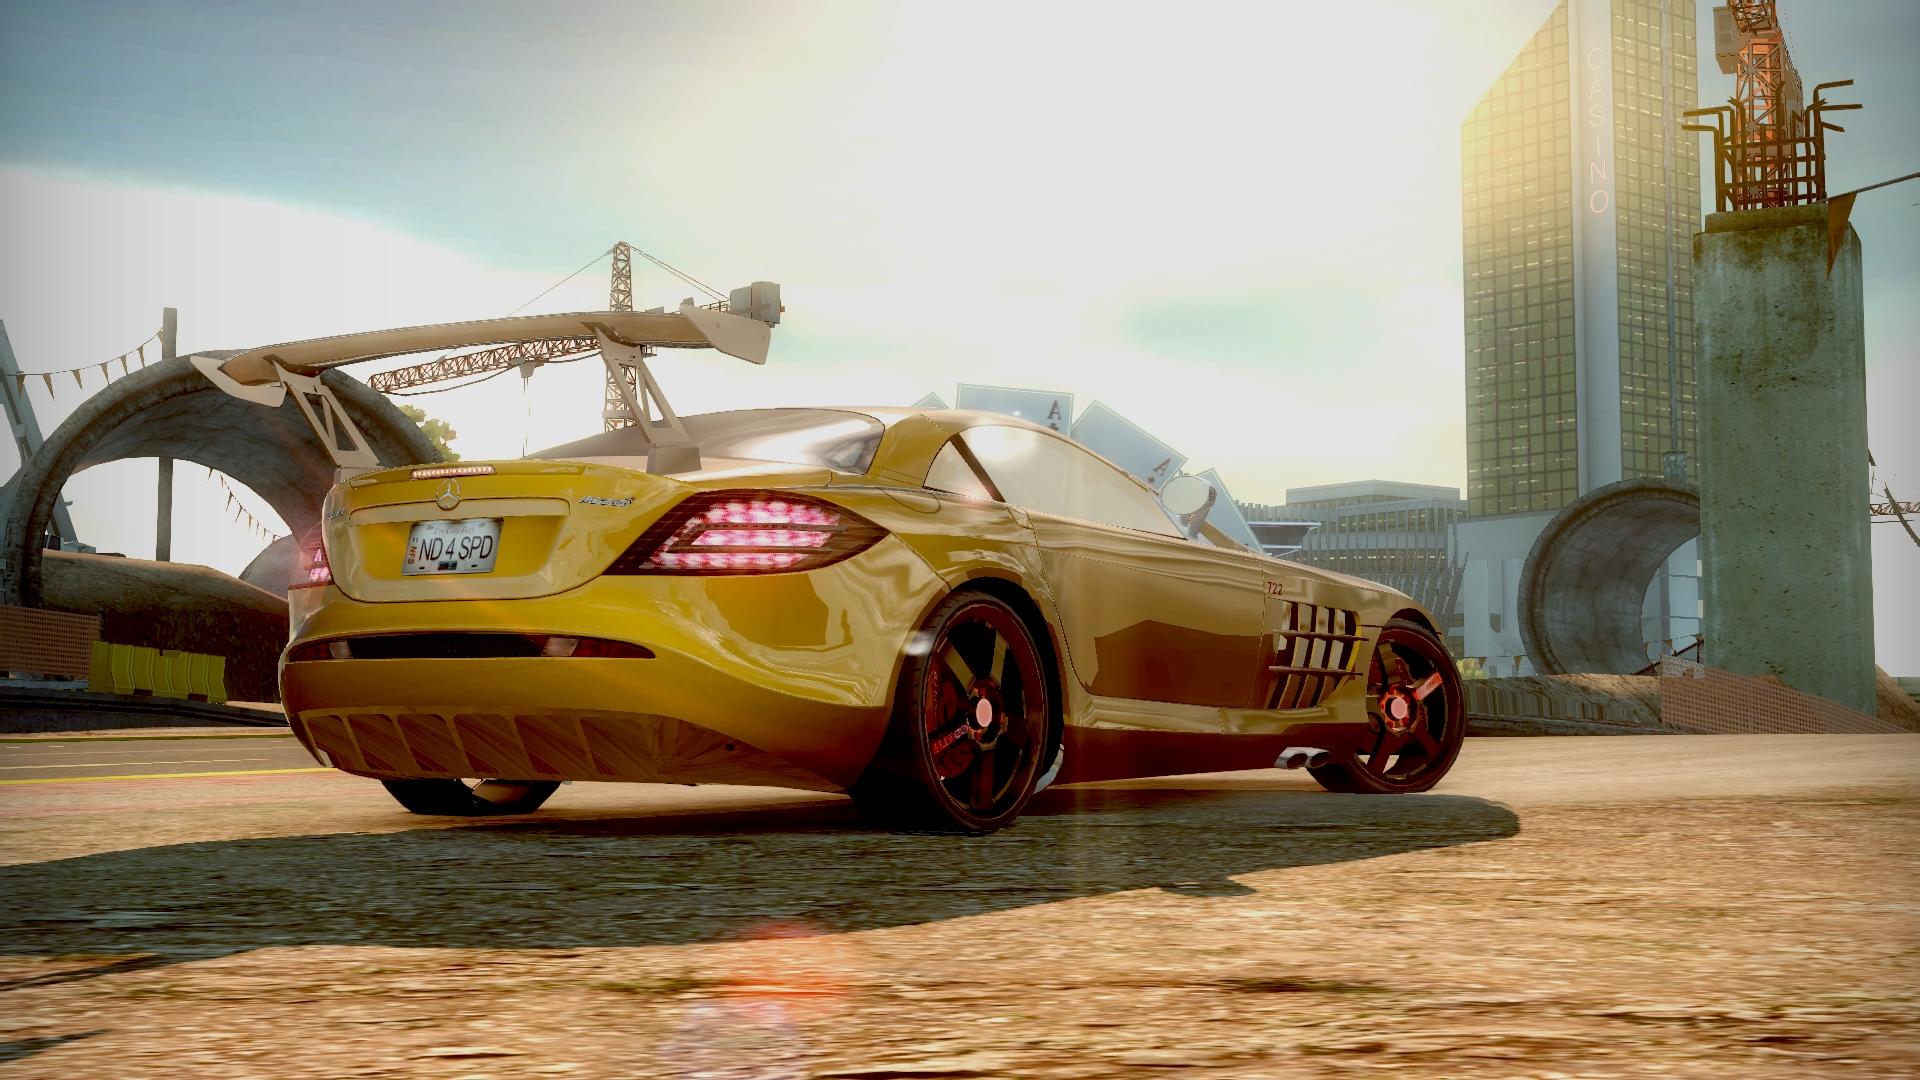 2015 Lexus Isf >> NFS UNDERCOVER HD remake mod - Mod DB